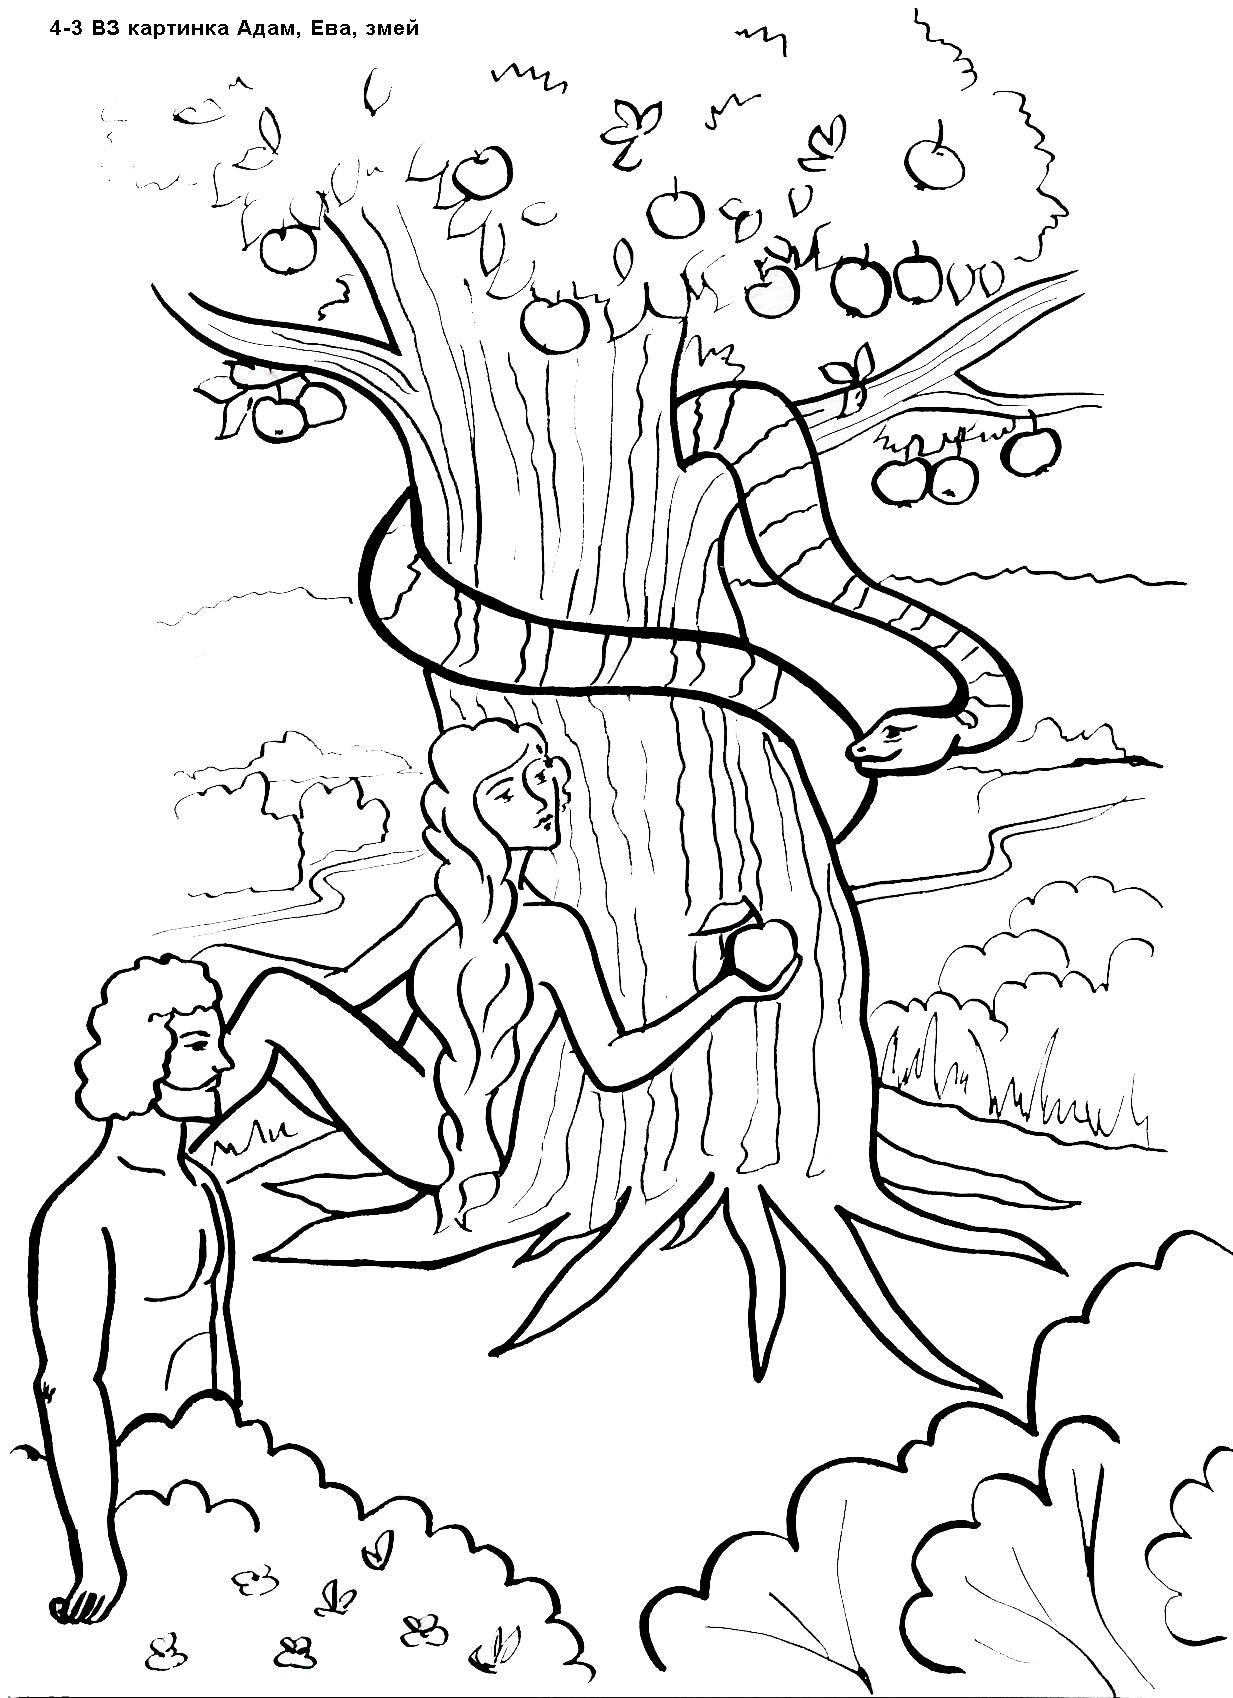 Ева и адам рисунки